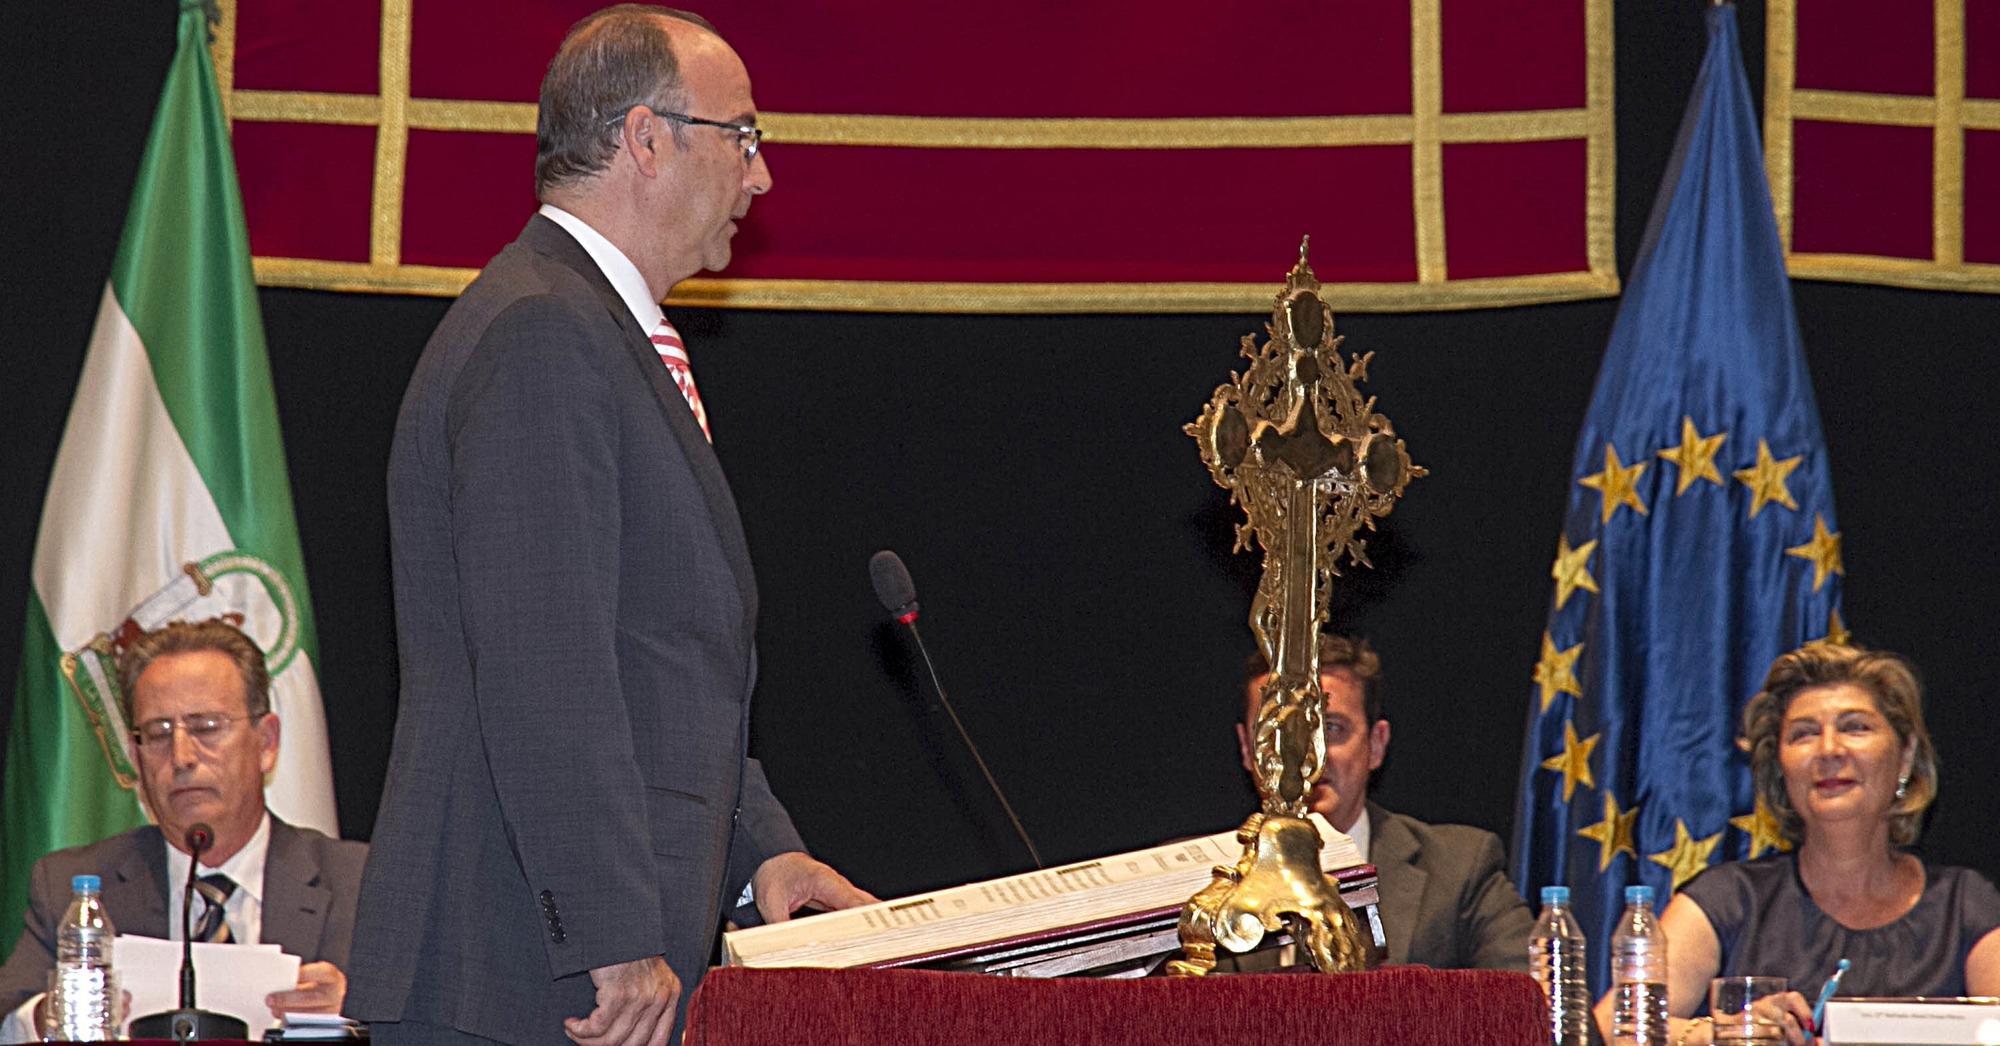 Luis Rogelio hace valer su 40% de apoyo electoral para justificar revalidar como alcalde por cuarta vez